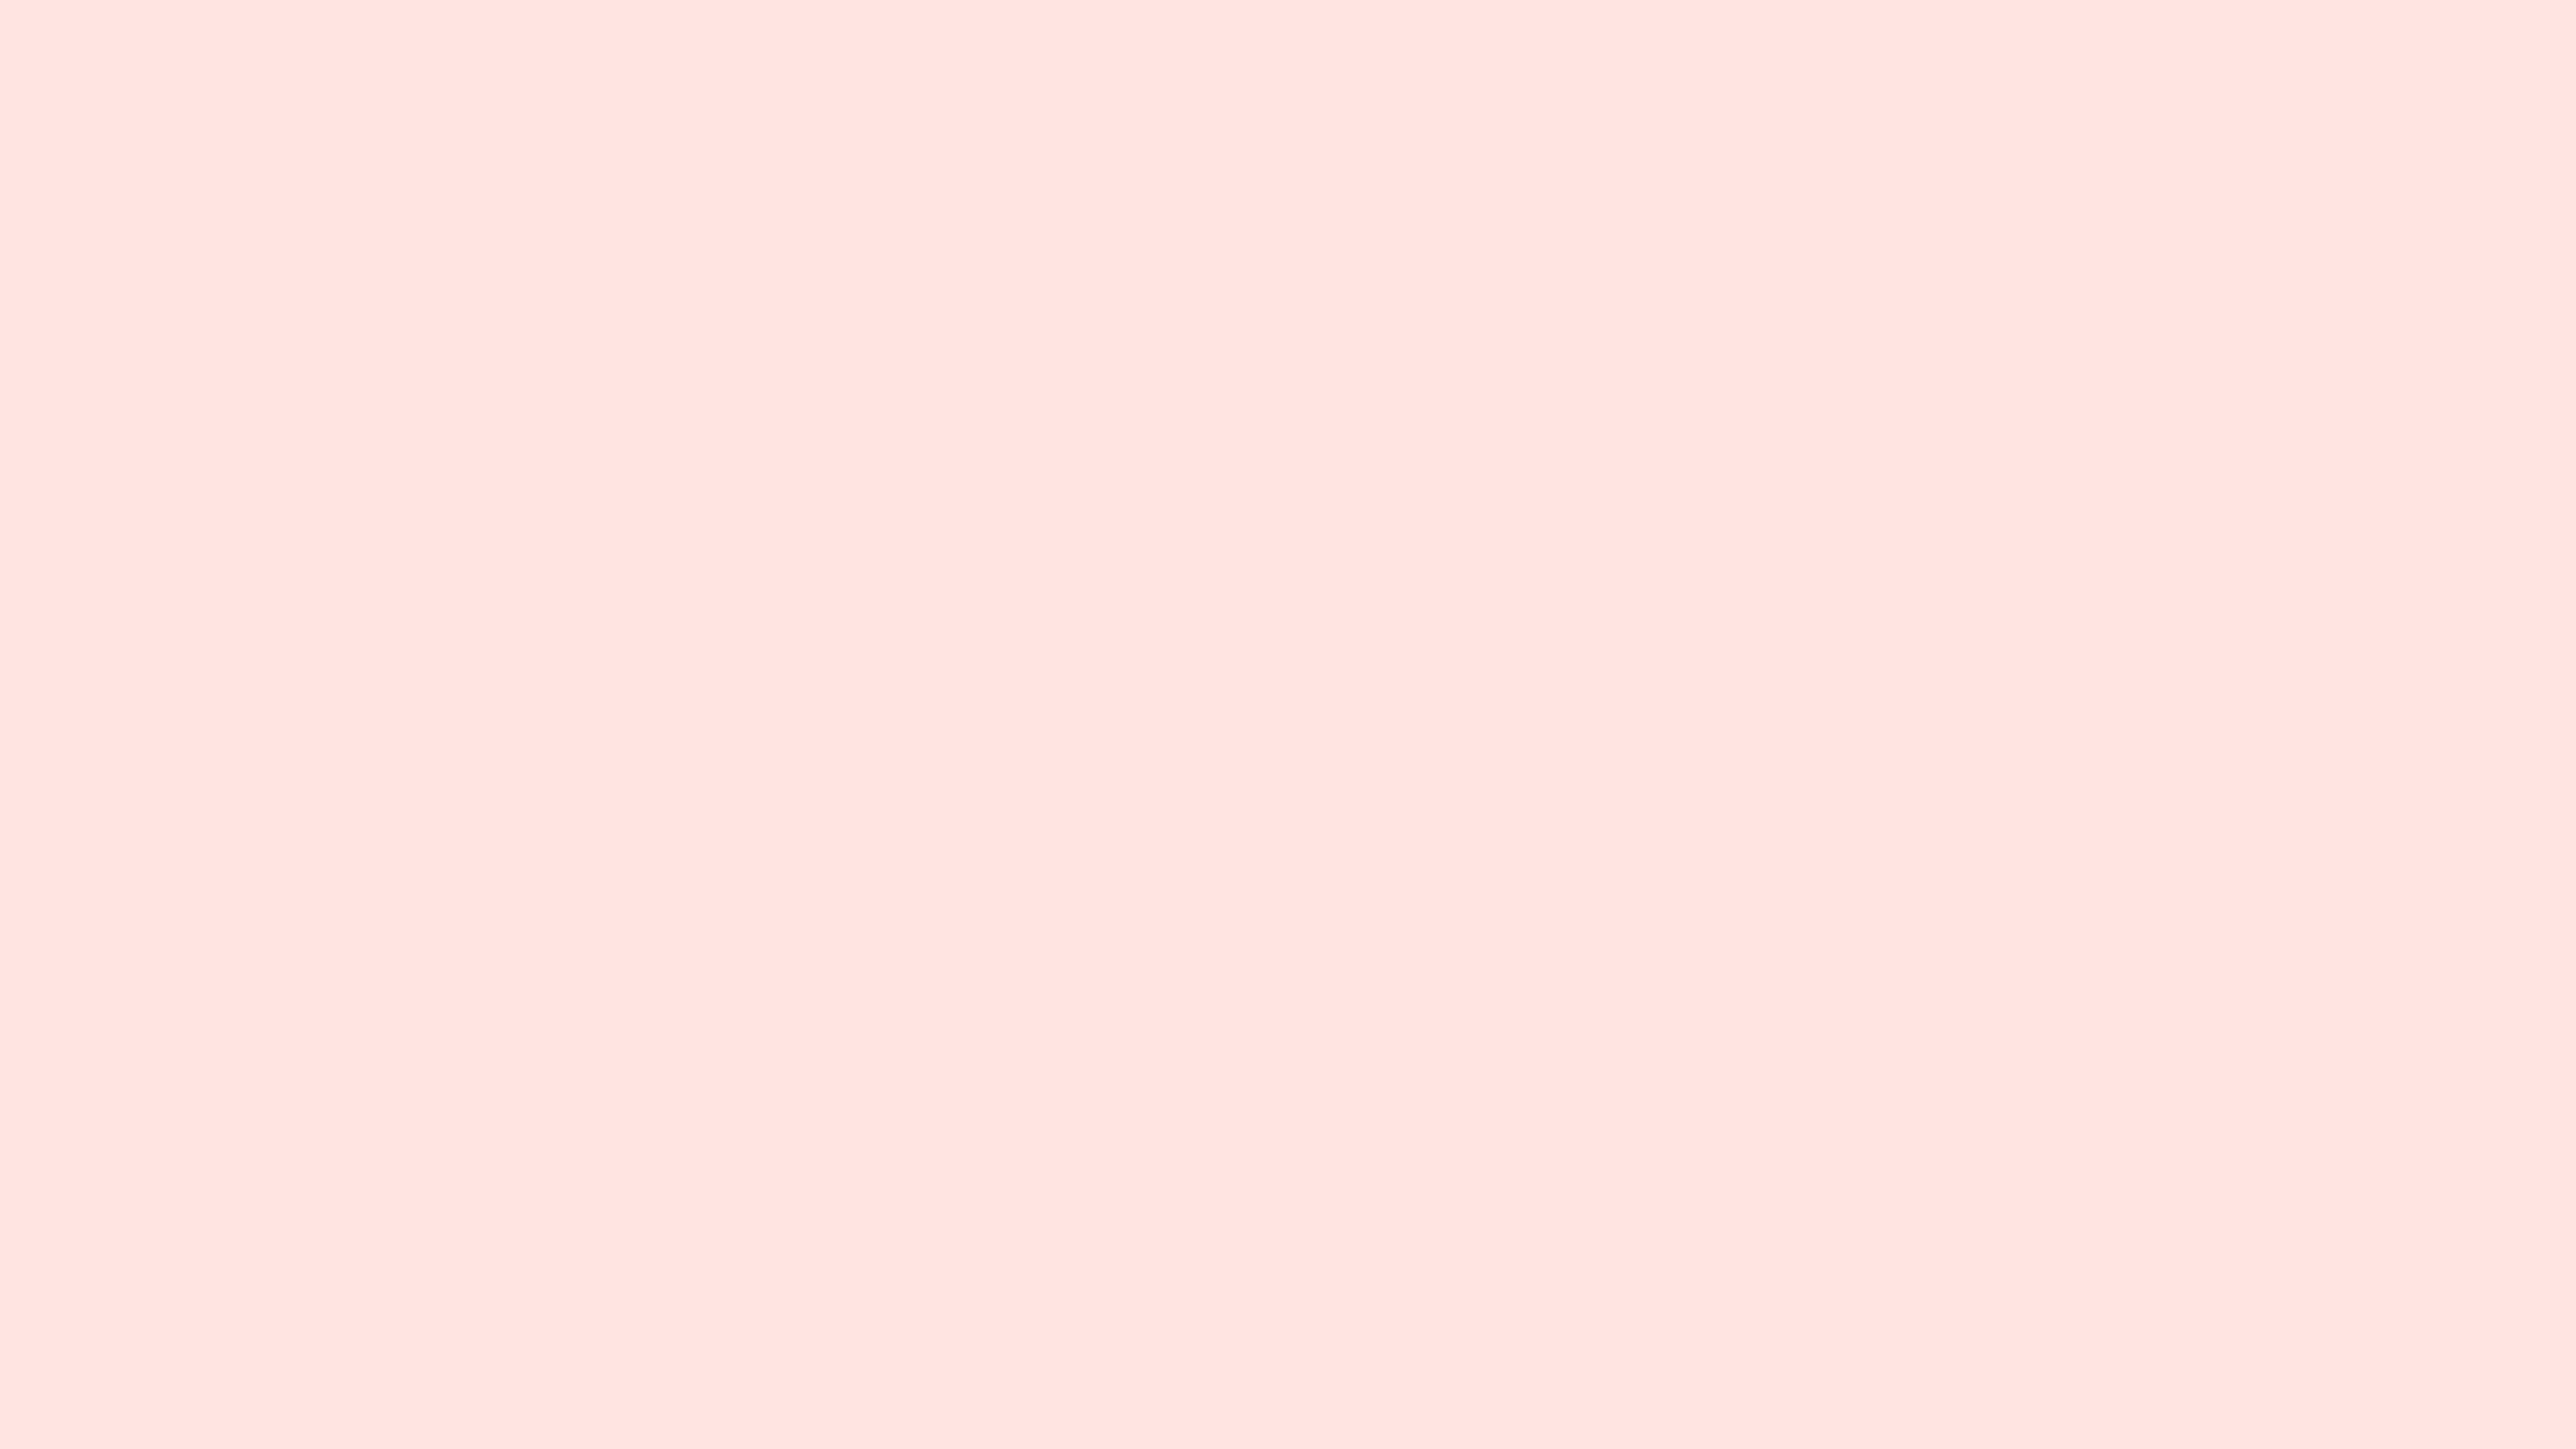 4096x2304 Misty Rose Solid Color Background